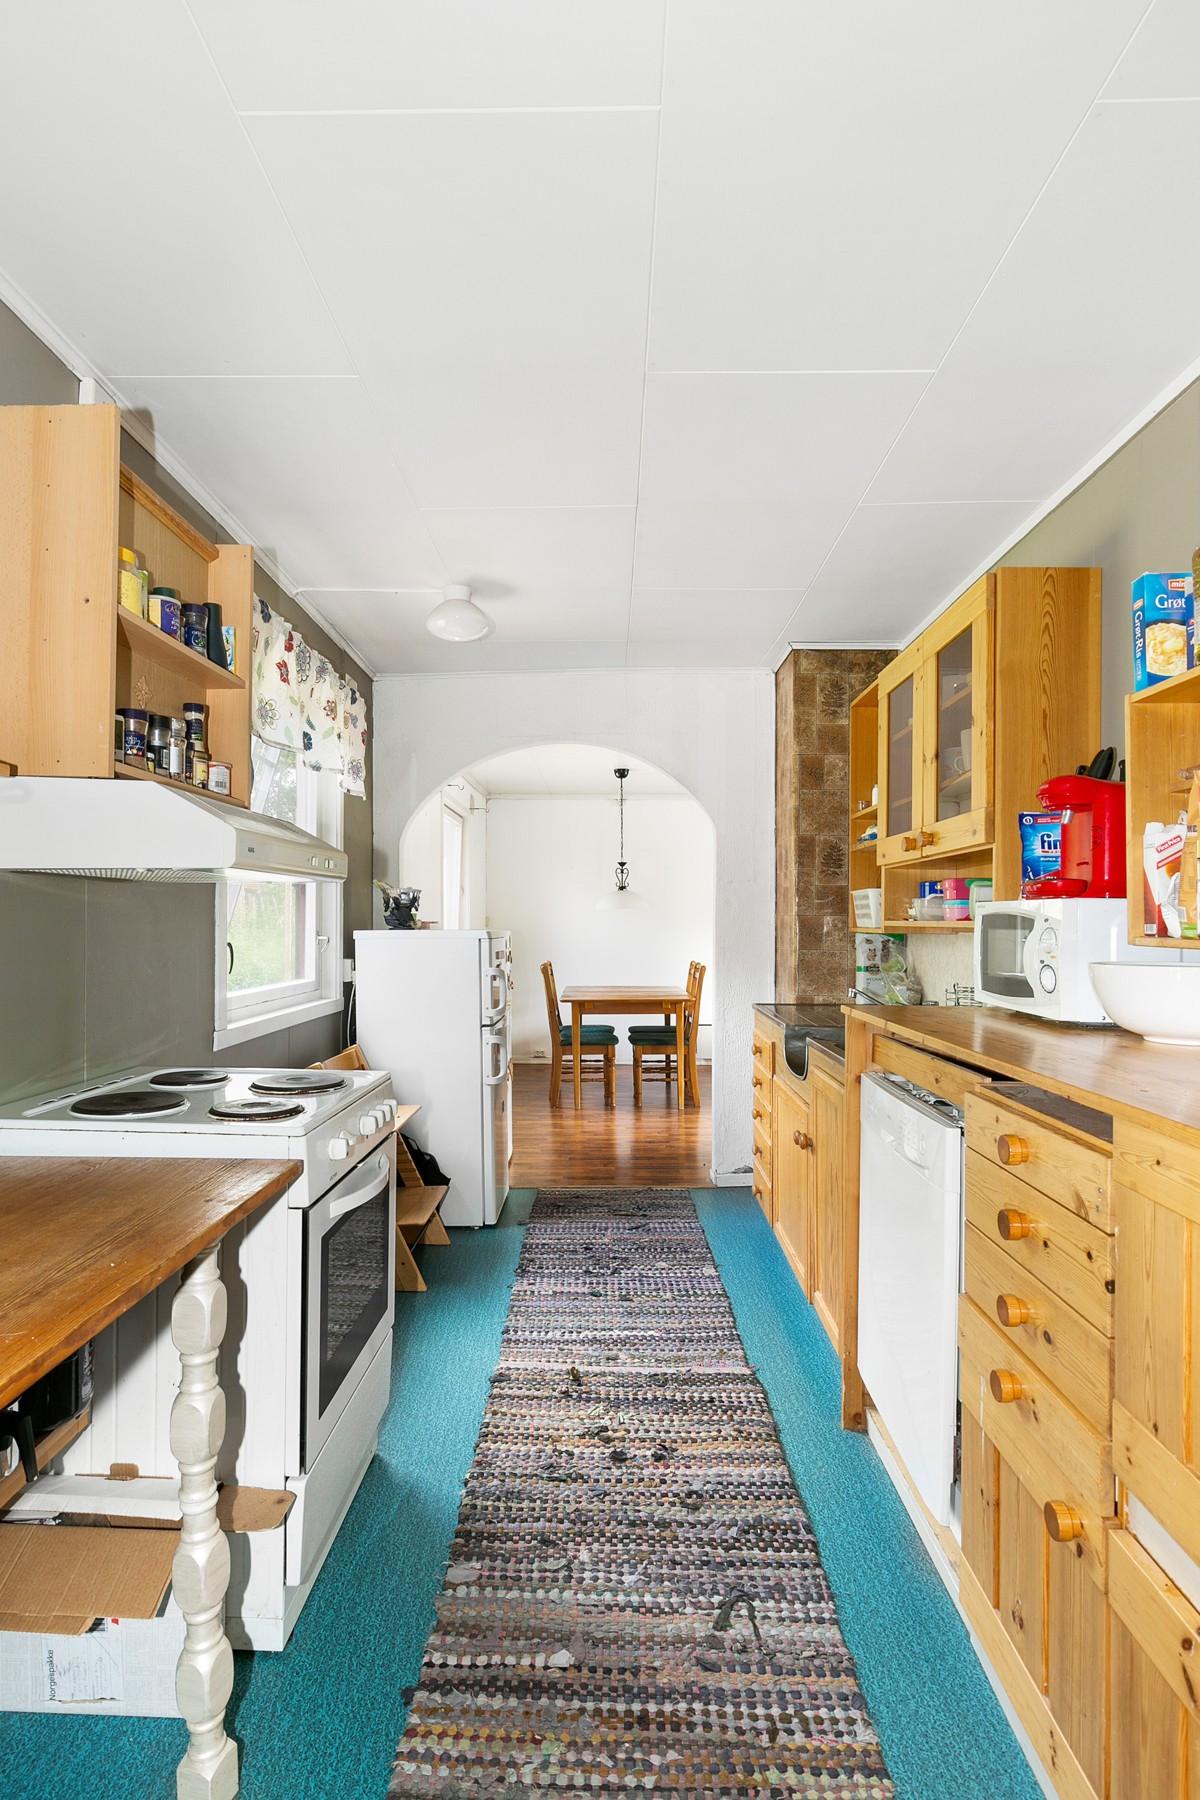 Kjøkkeninnredning med fronter i heltre furu, samt opplegg for oppvaskmaskin